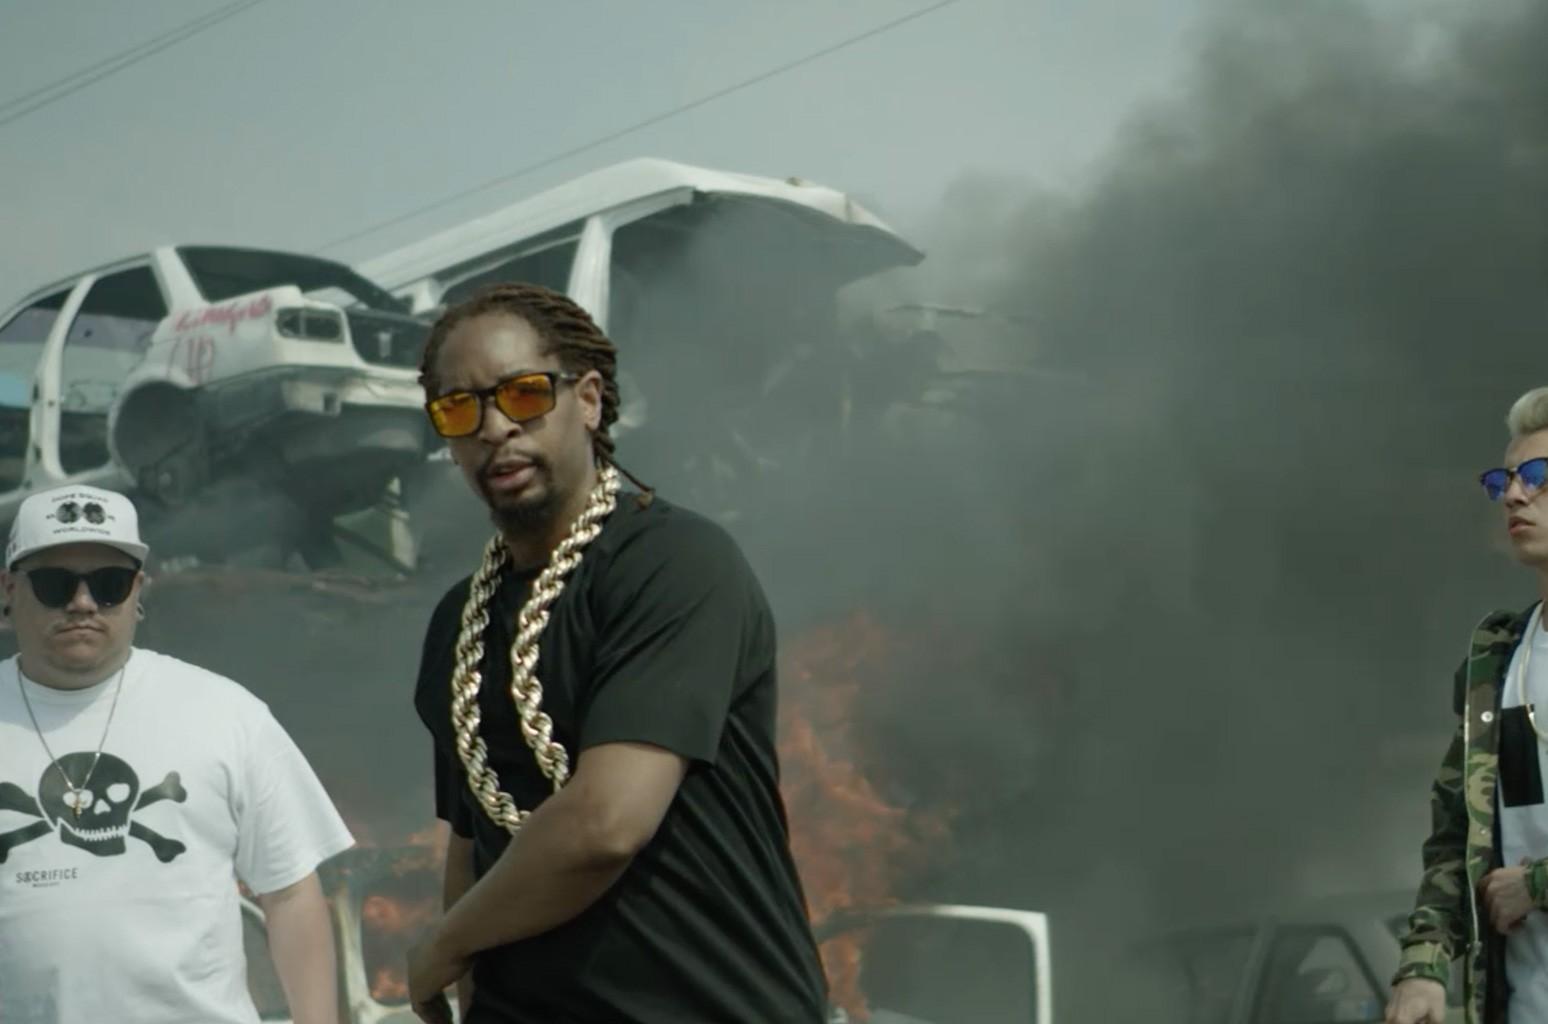 Lil Jon and Skellism